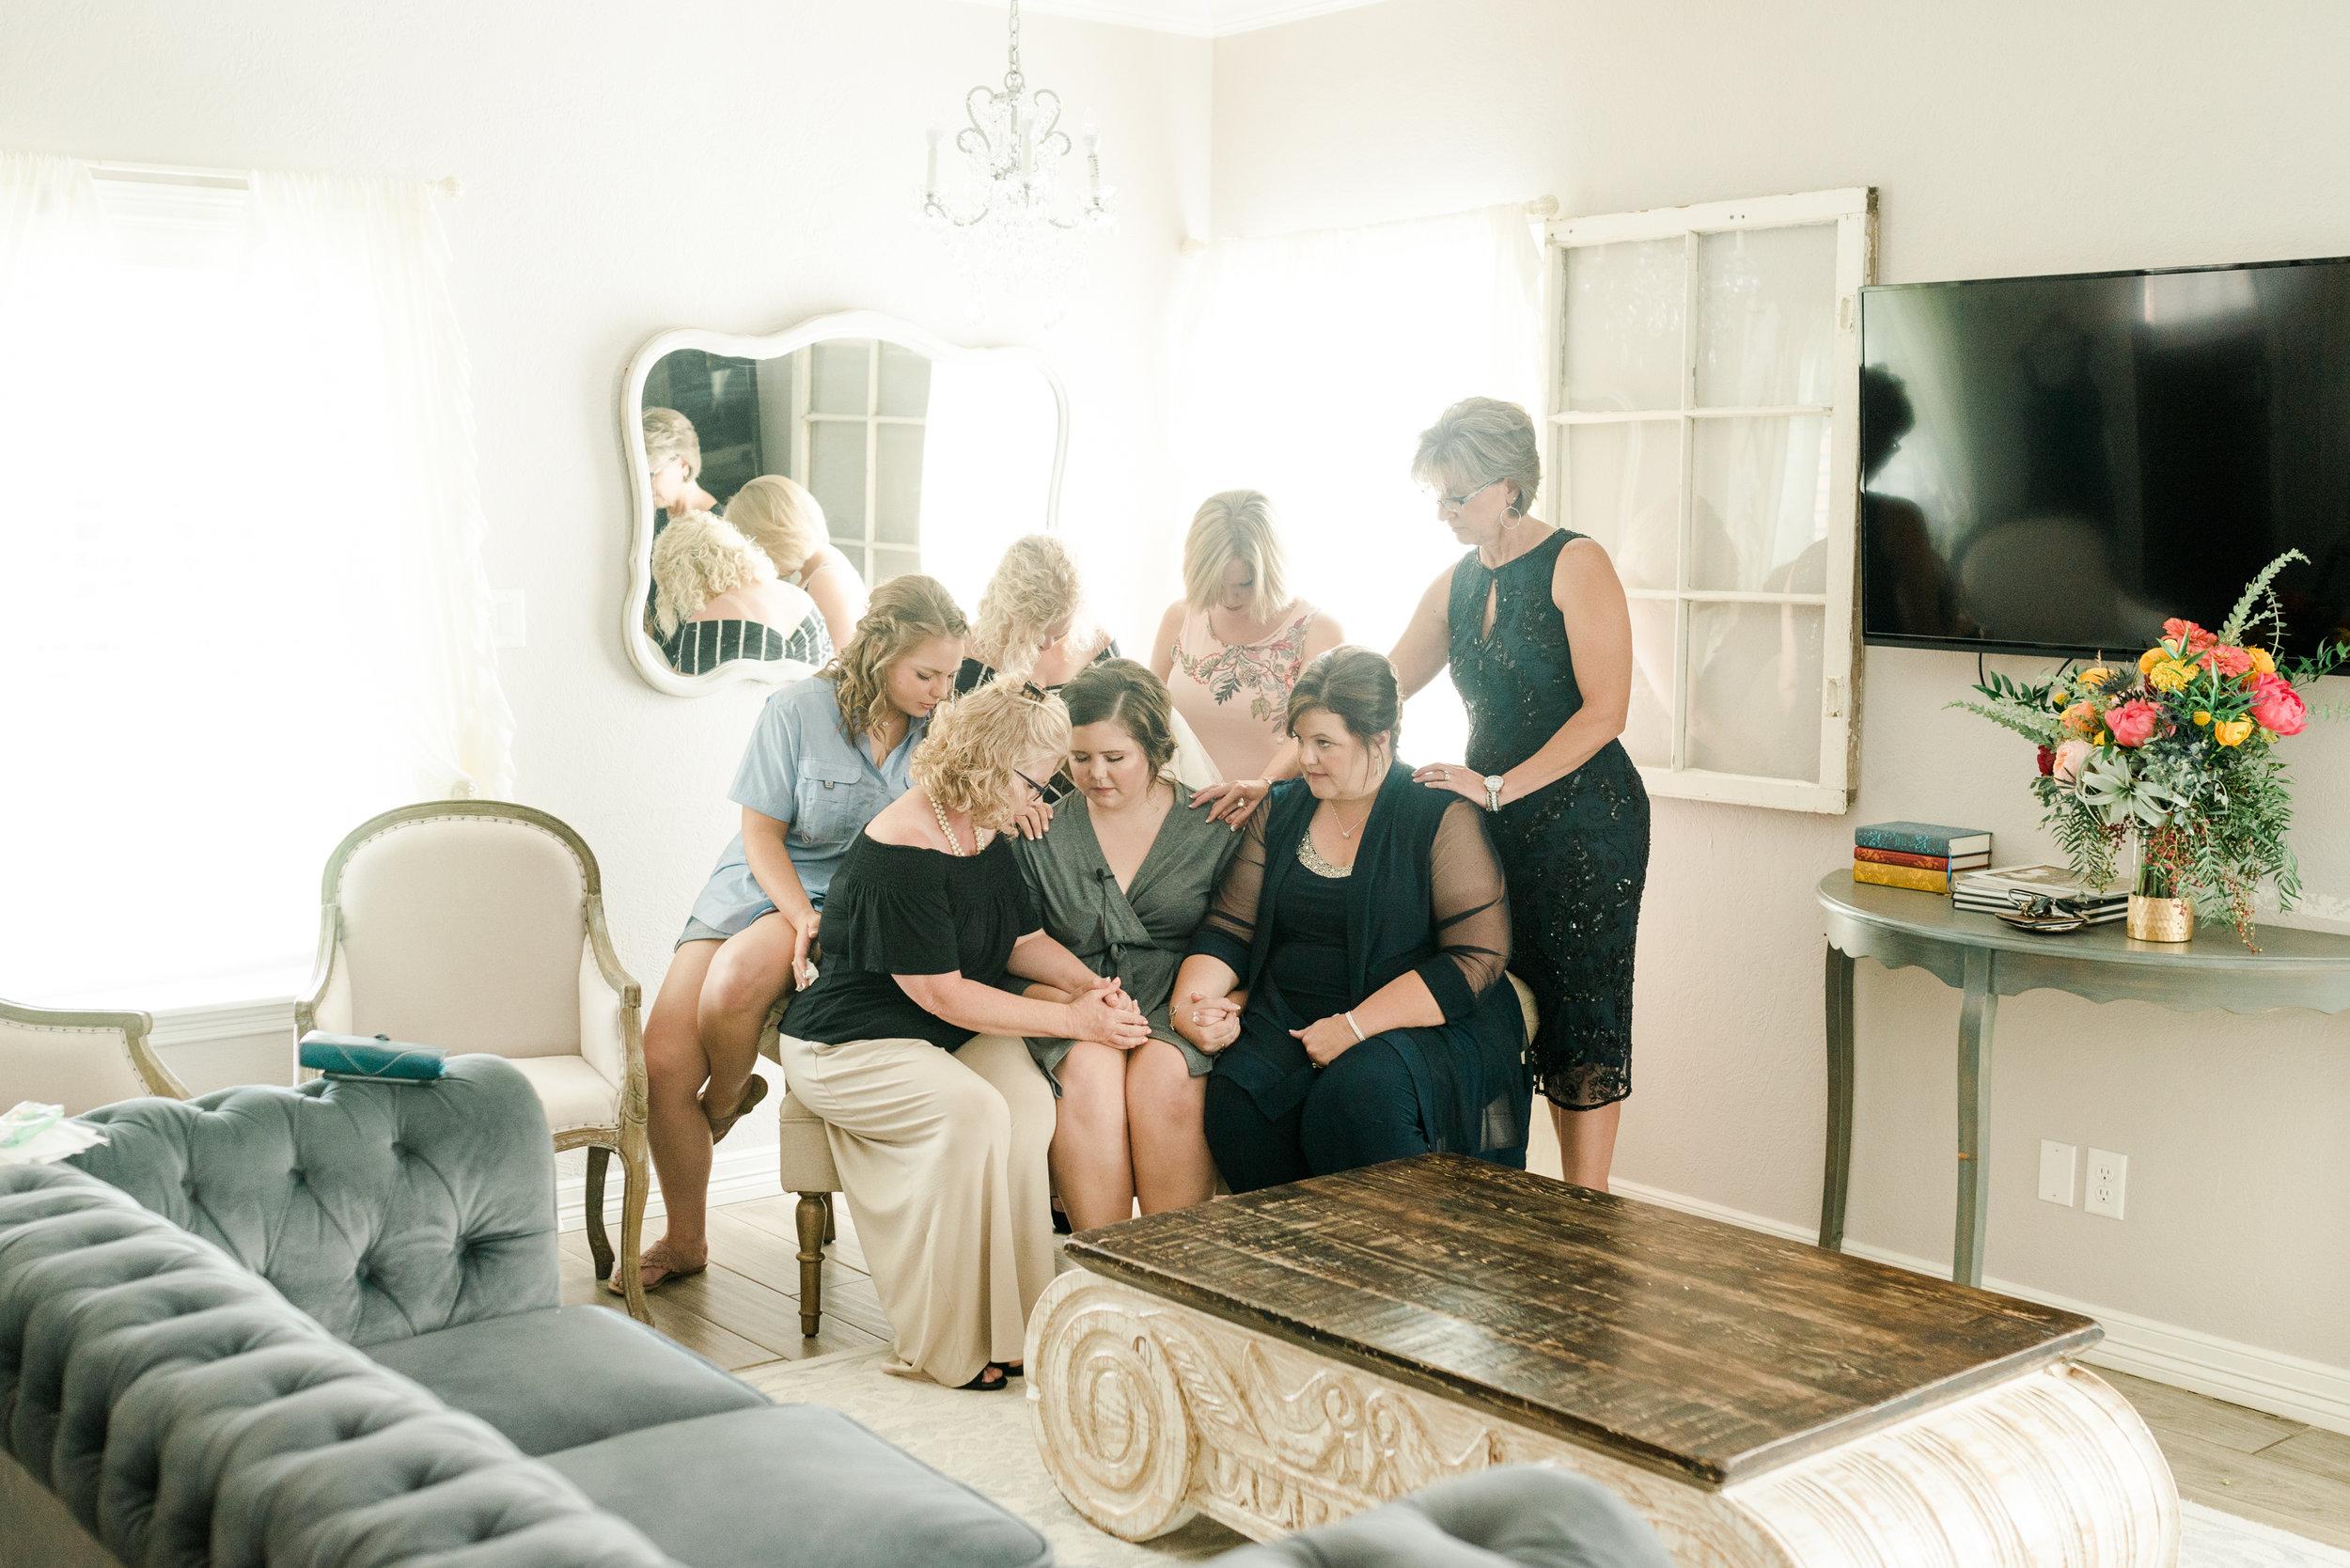 Wesley-Wedding-Ten23-Photography-88.jpg